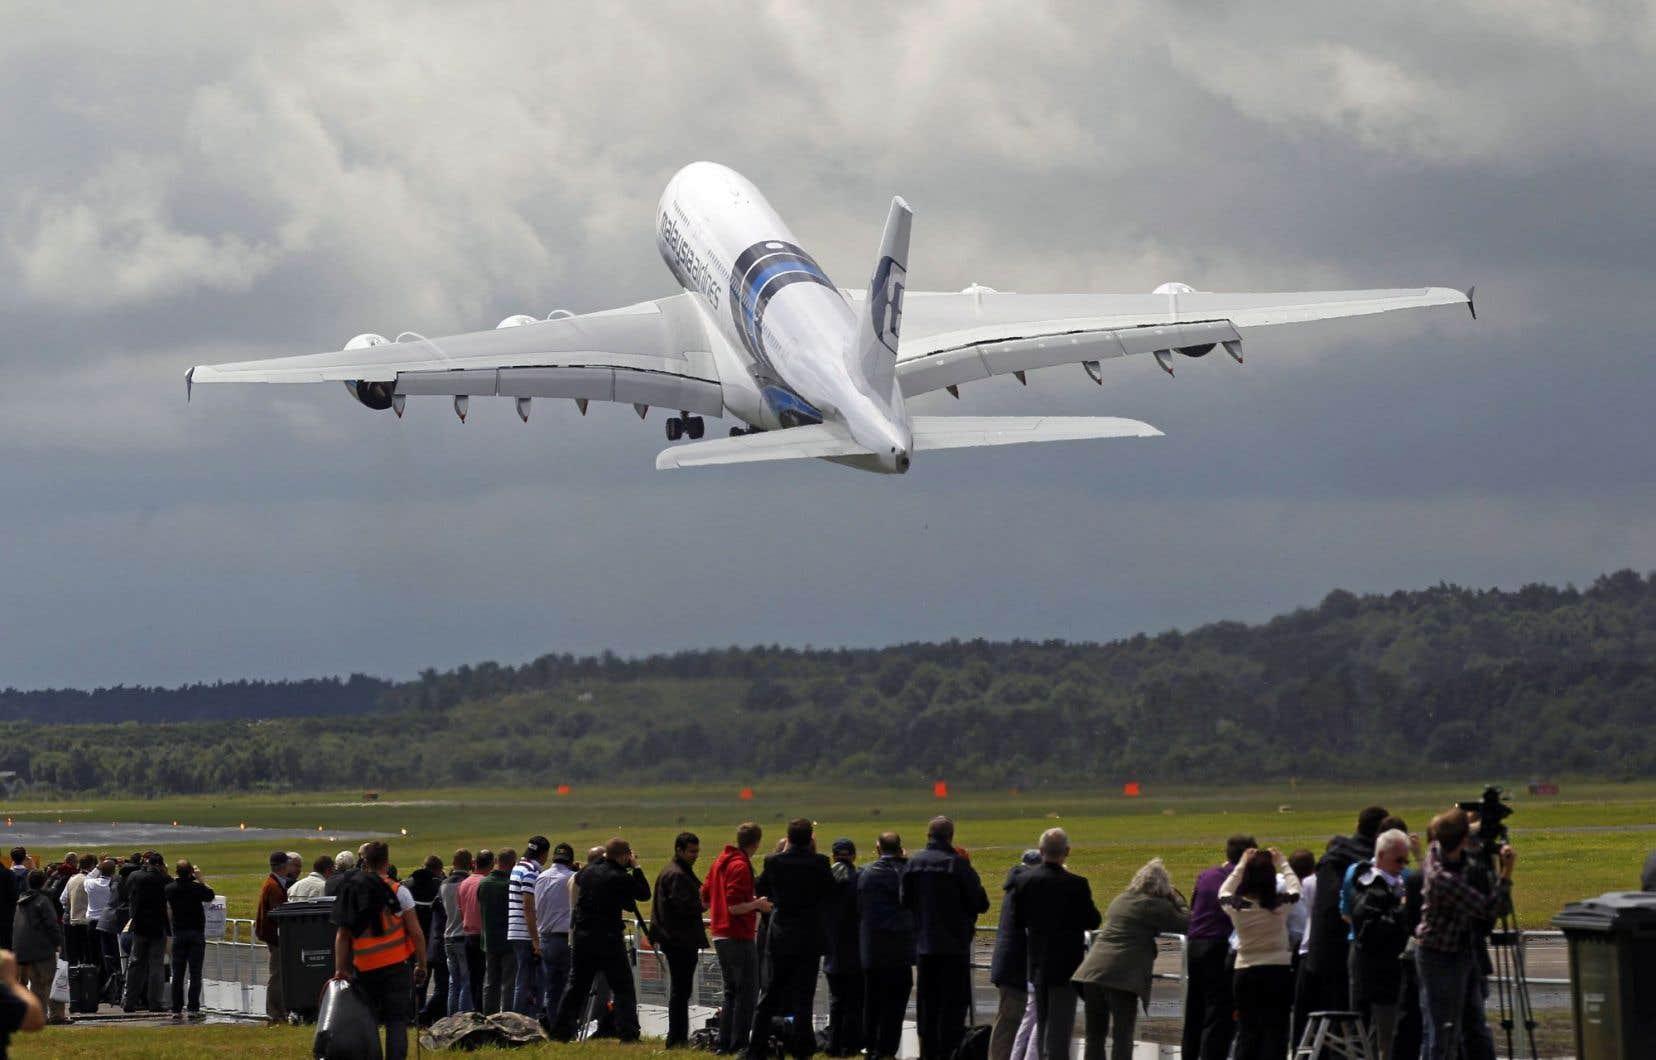 Depuis son lancement en 2007, l'A380 a été commandé à 319 exemplaires par 18 compagnies, et Airbus doit en livrer encore 126.